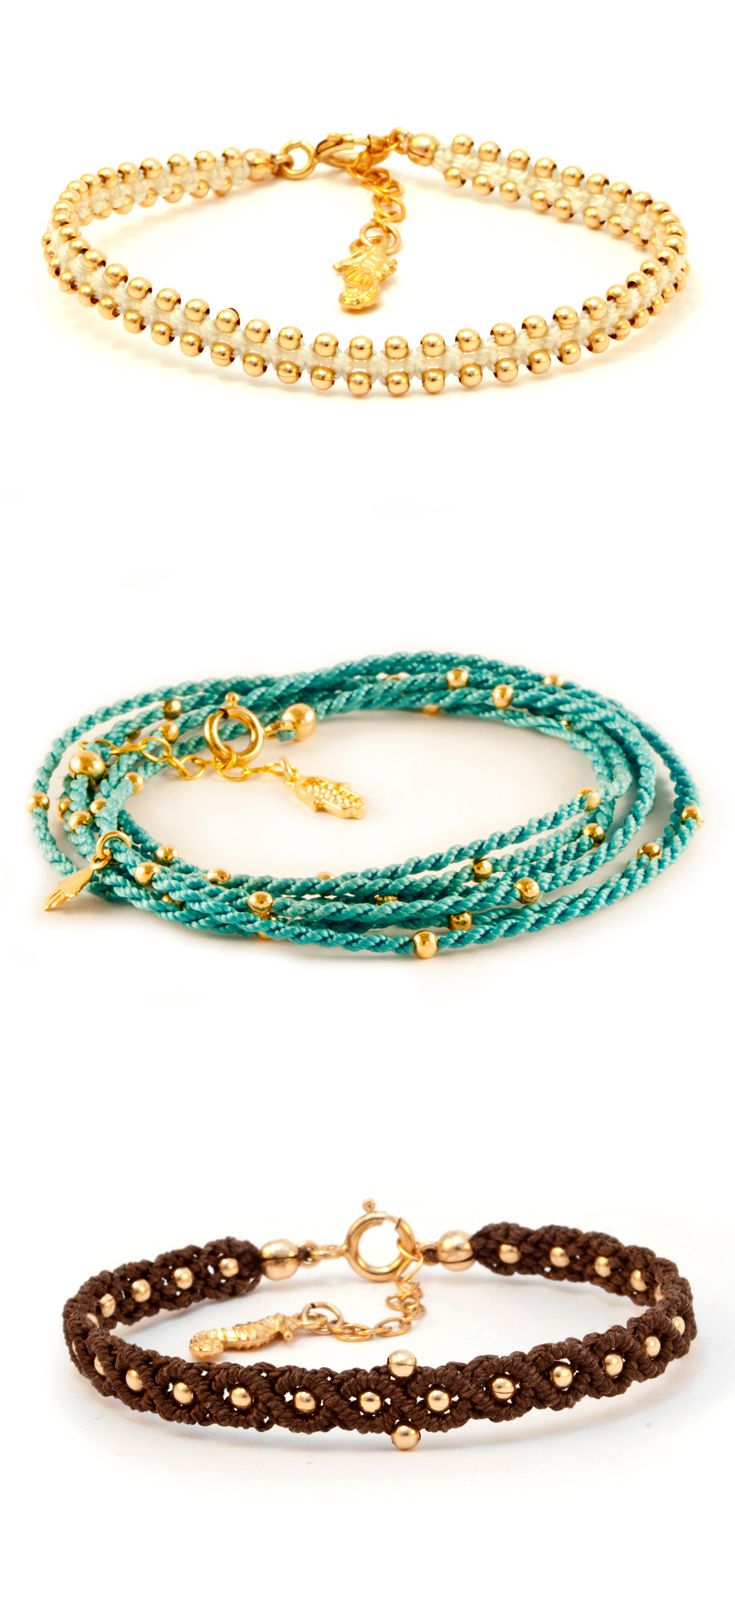 Stackable String Bracelets. Shop you look on Etsy!  #Stackbracelets #Stackablebracelets #turquoiseandgold #stringbracelets